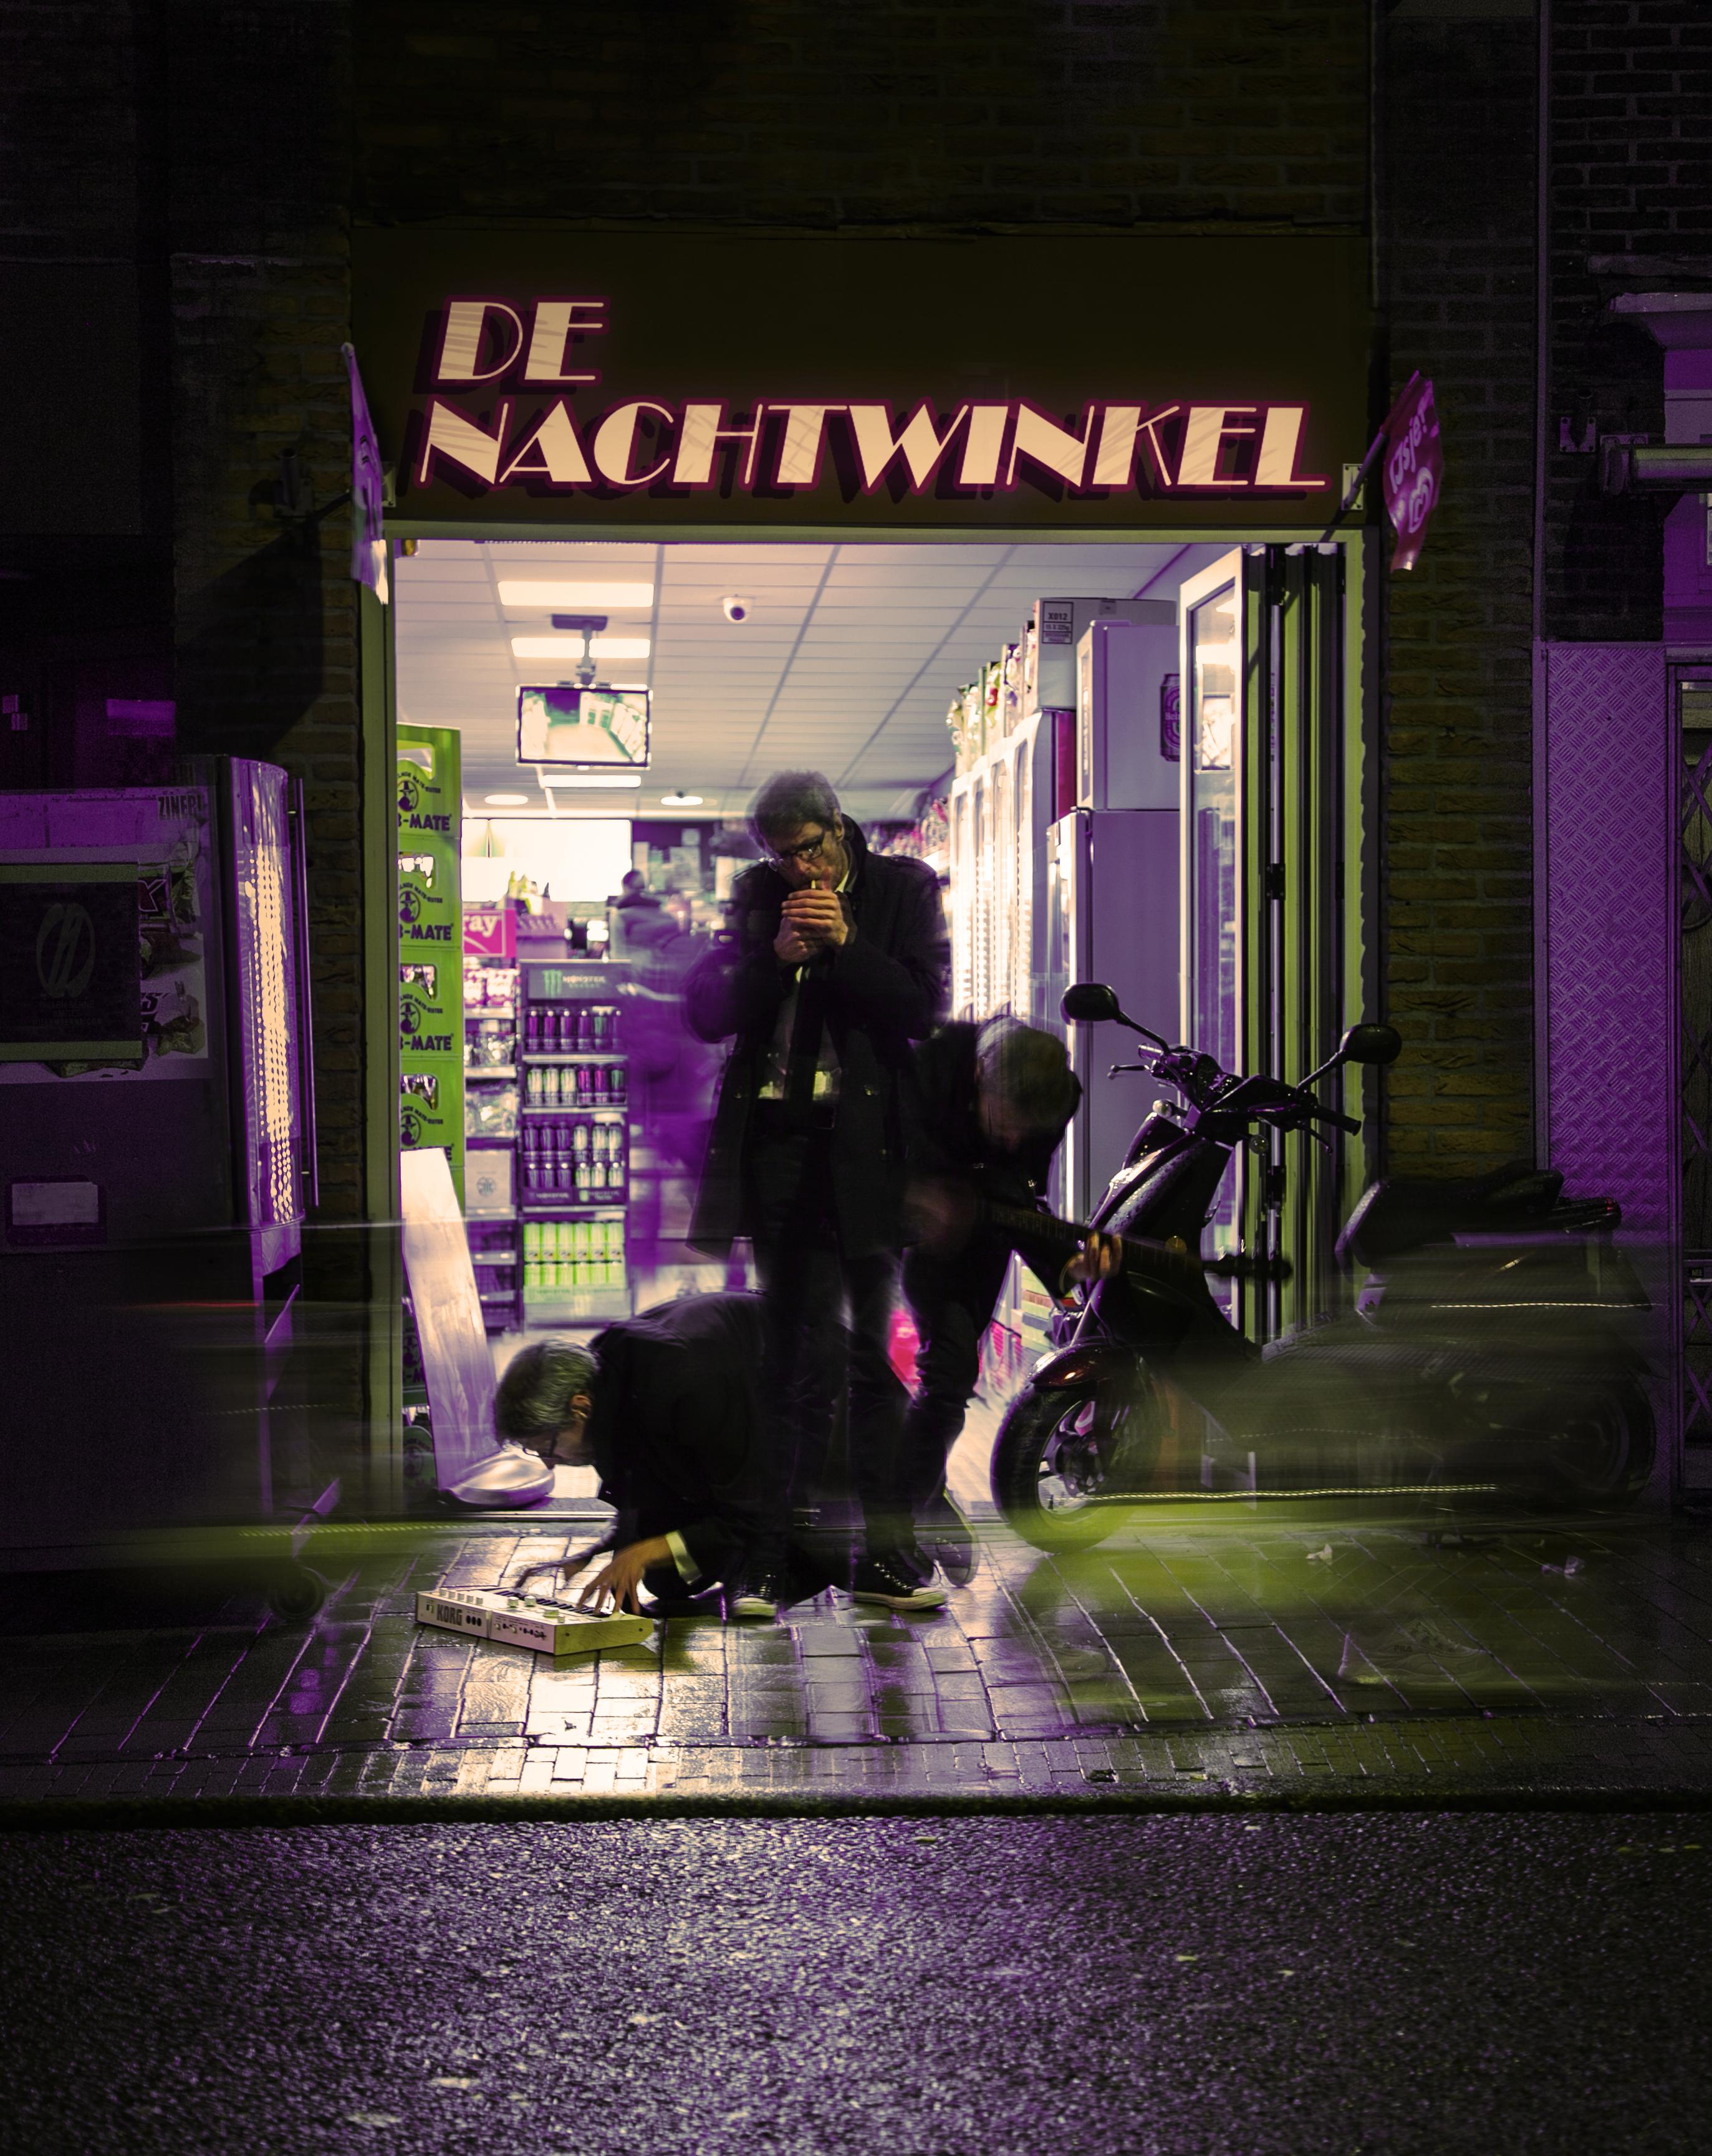 De Nachtwinkel